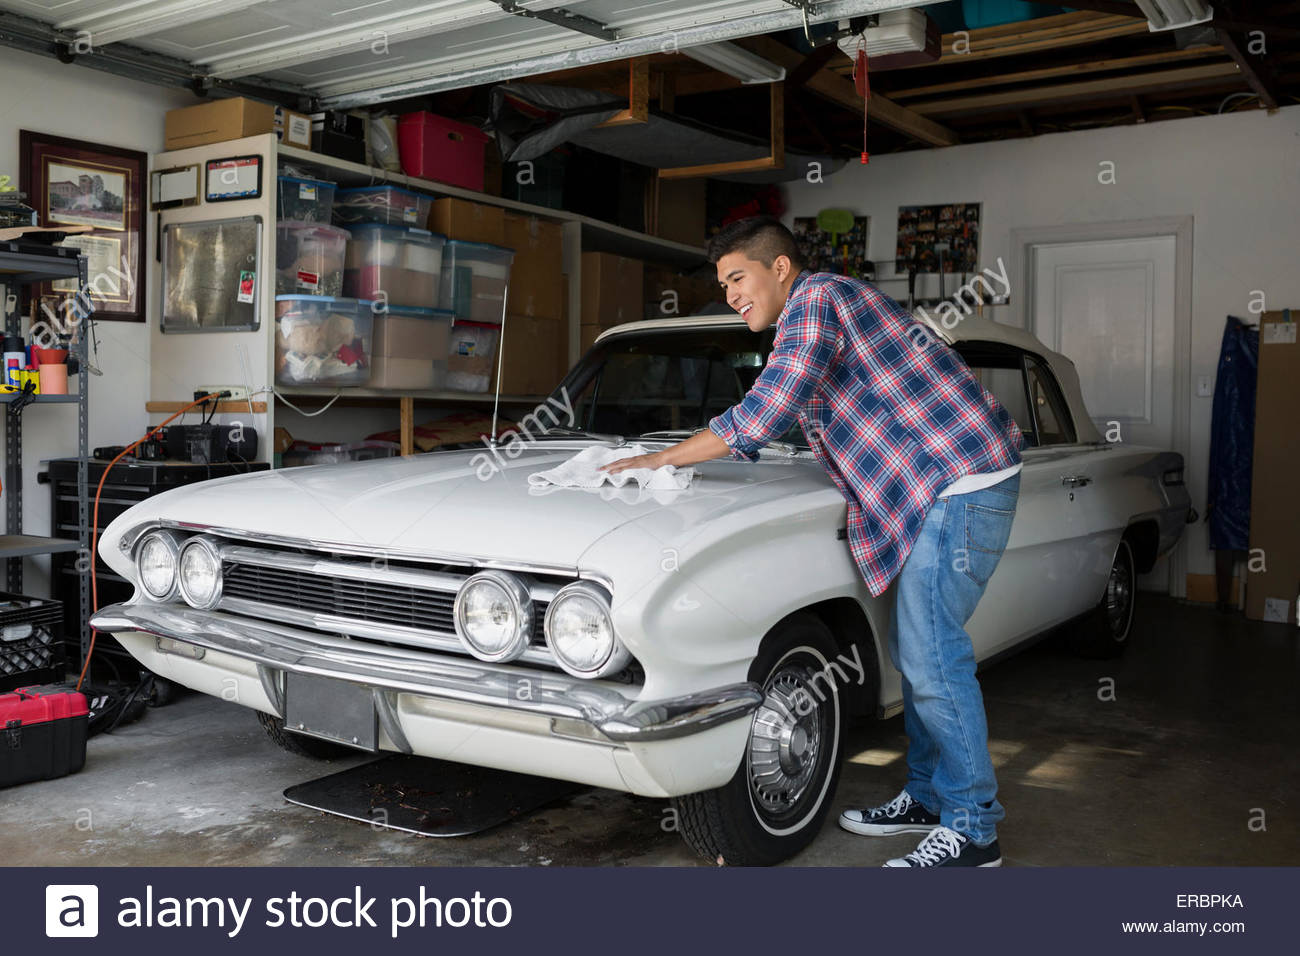 Giovane uomo ceretta vintage auto in garage Immagini Stock